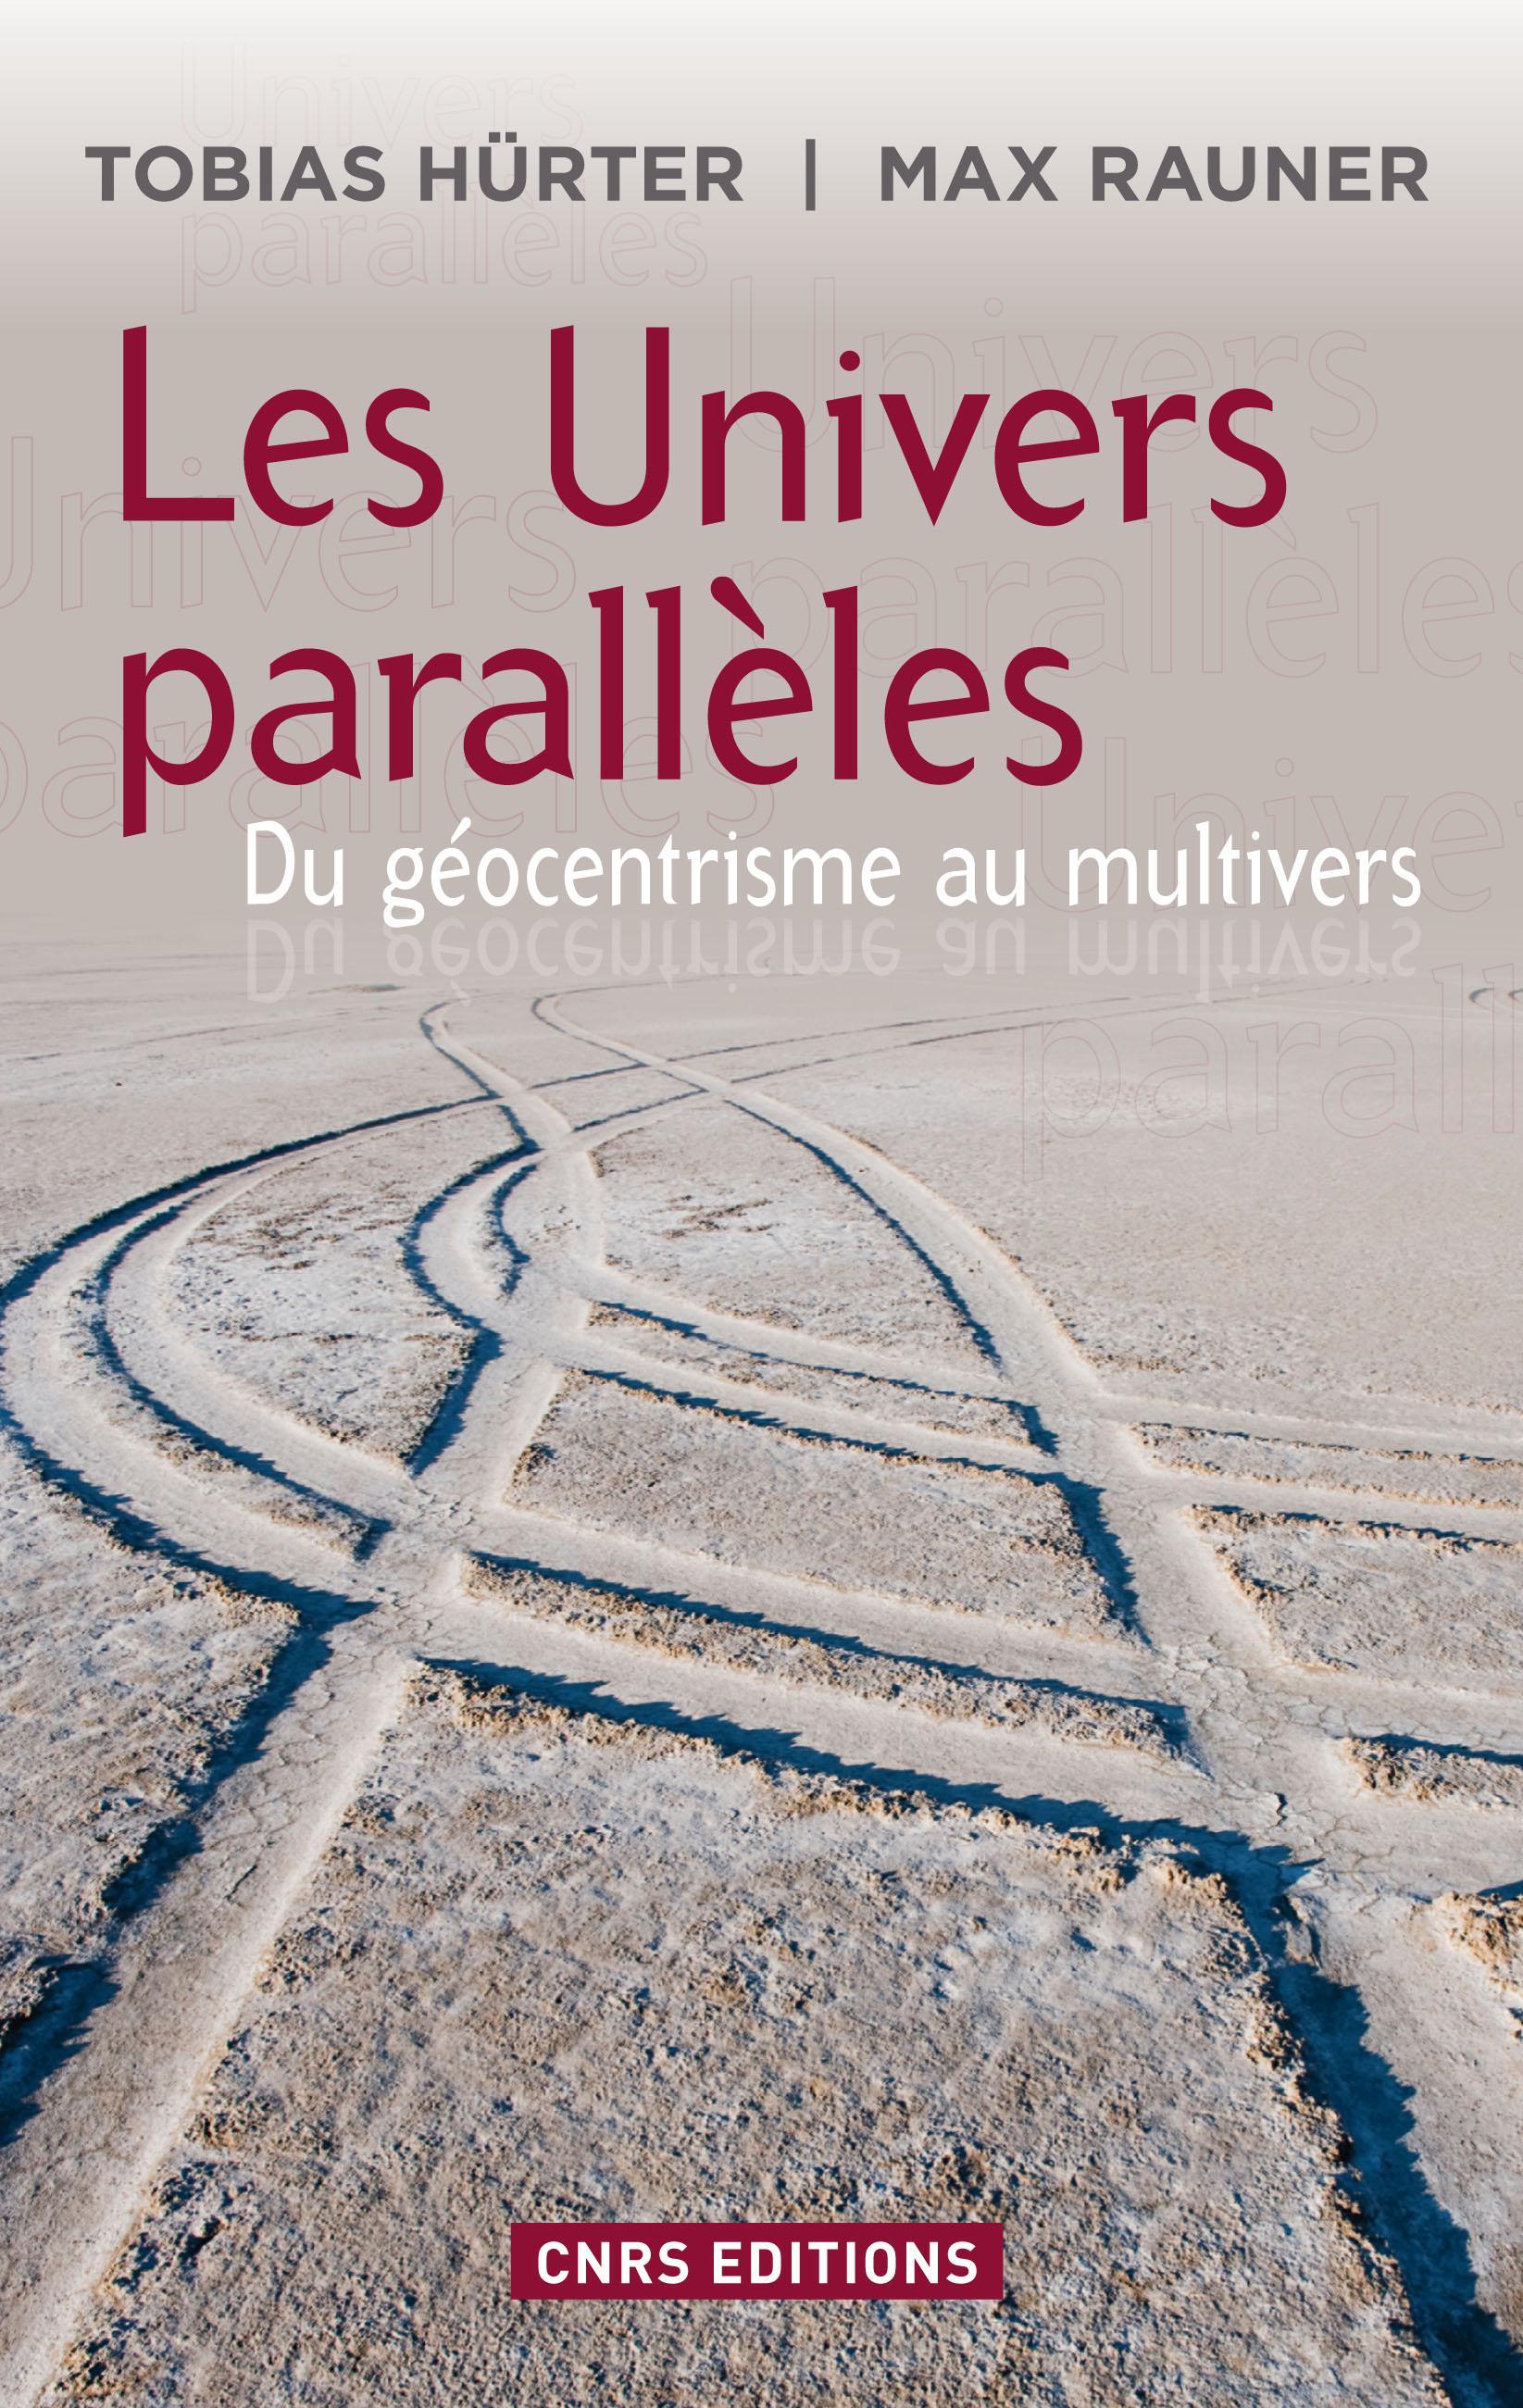 Univers parallèles: du géocentrisme au multivers